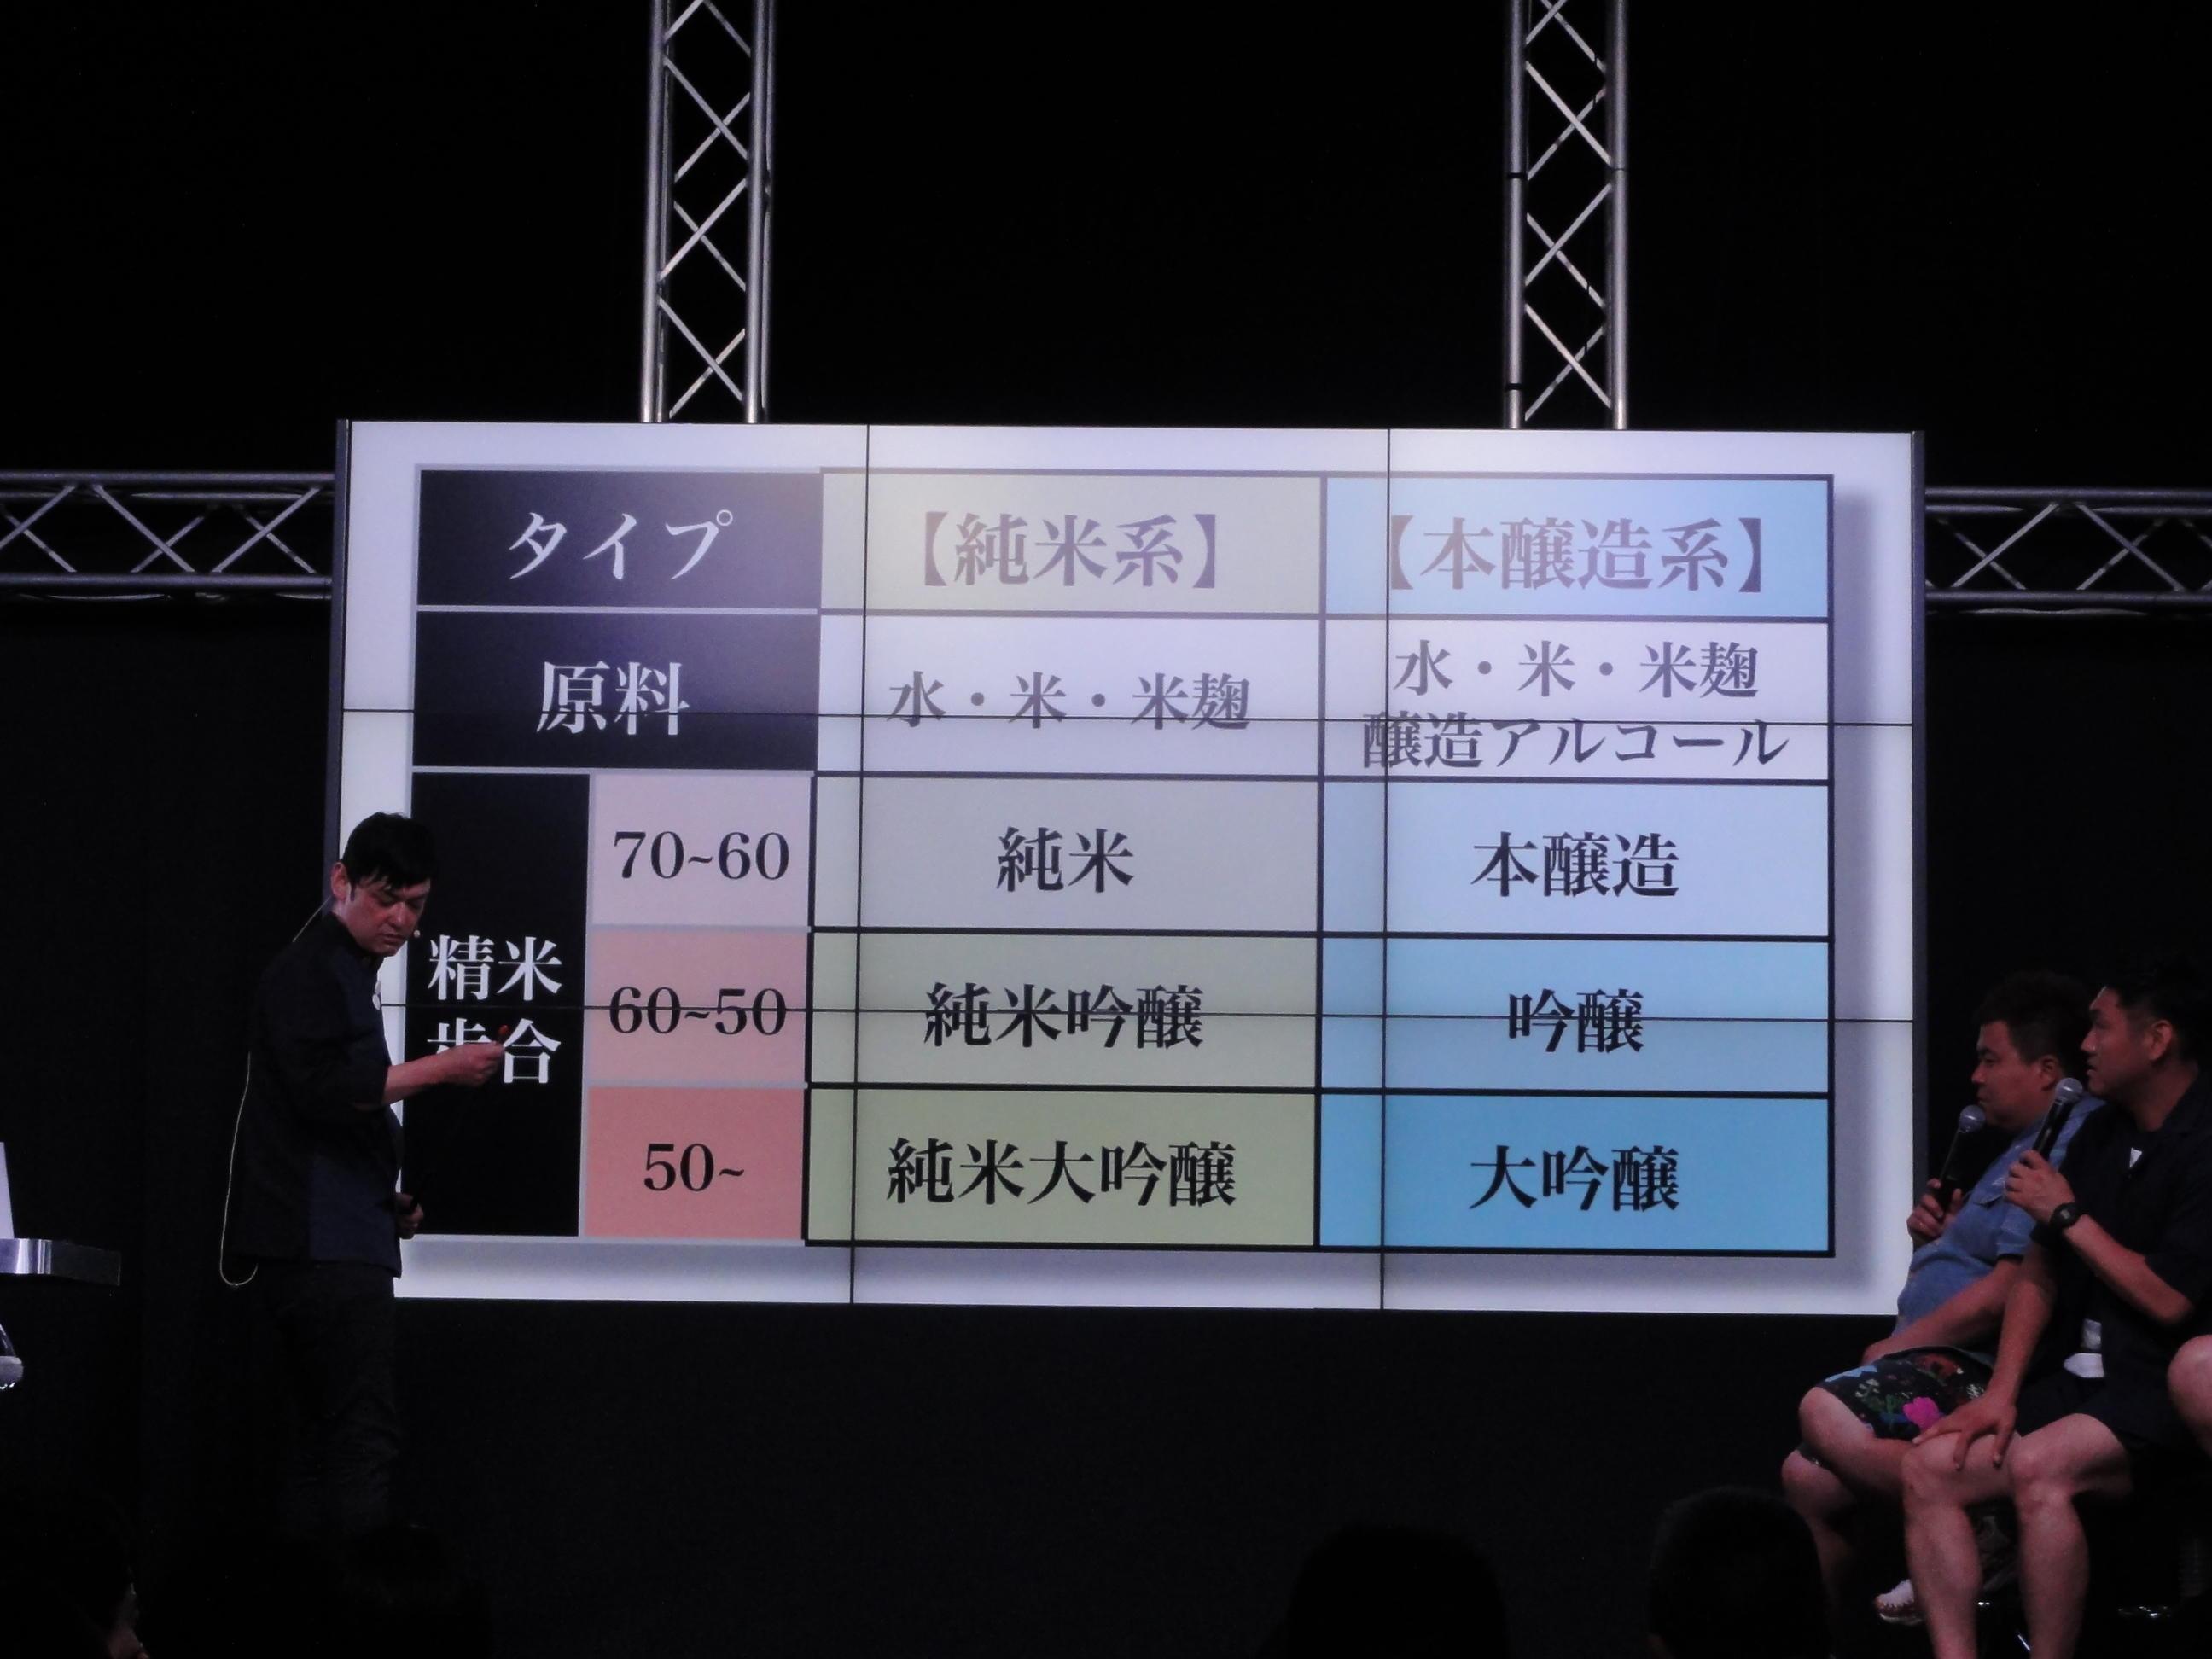 http://news.yoshimoto.co.jp/20170715004005-54381e8073a406eaf6ac6c7f72fe92eb1364ec00.jpg